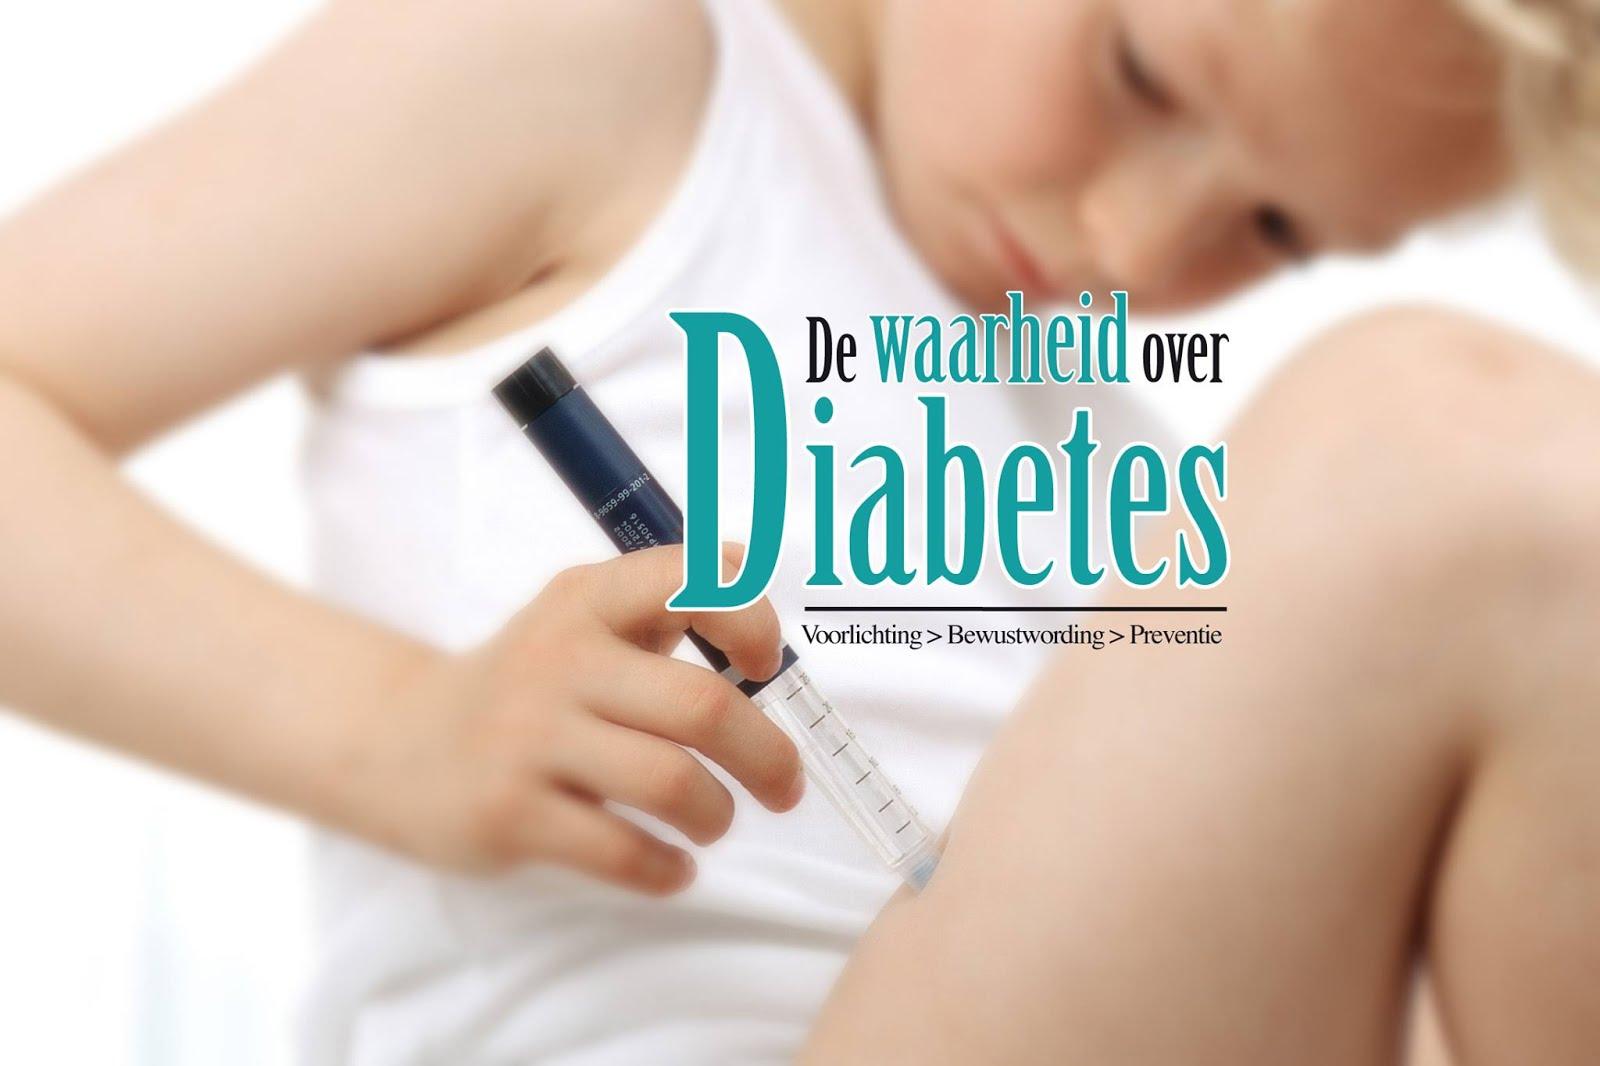 Waarheid.. diabetes!